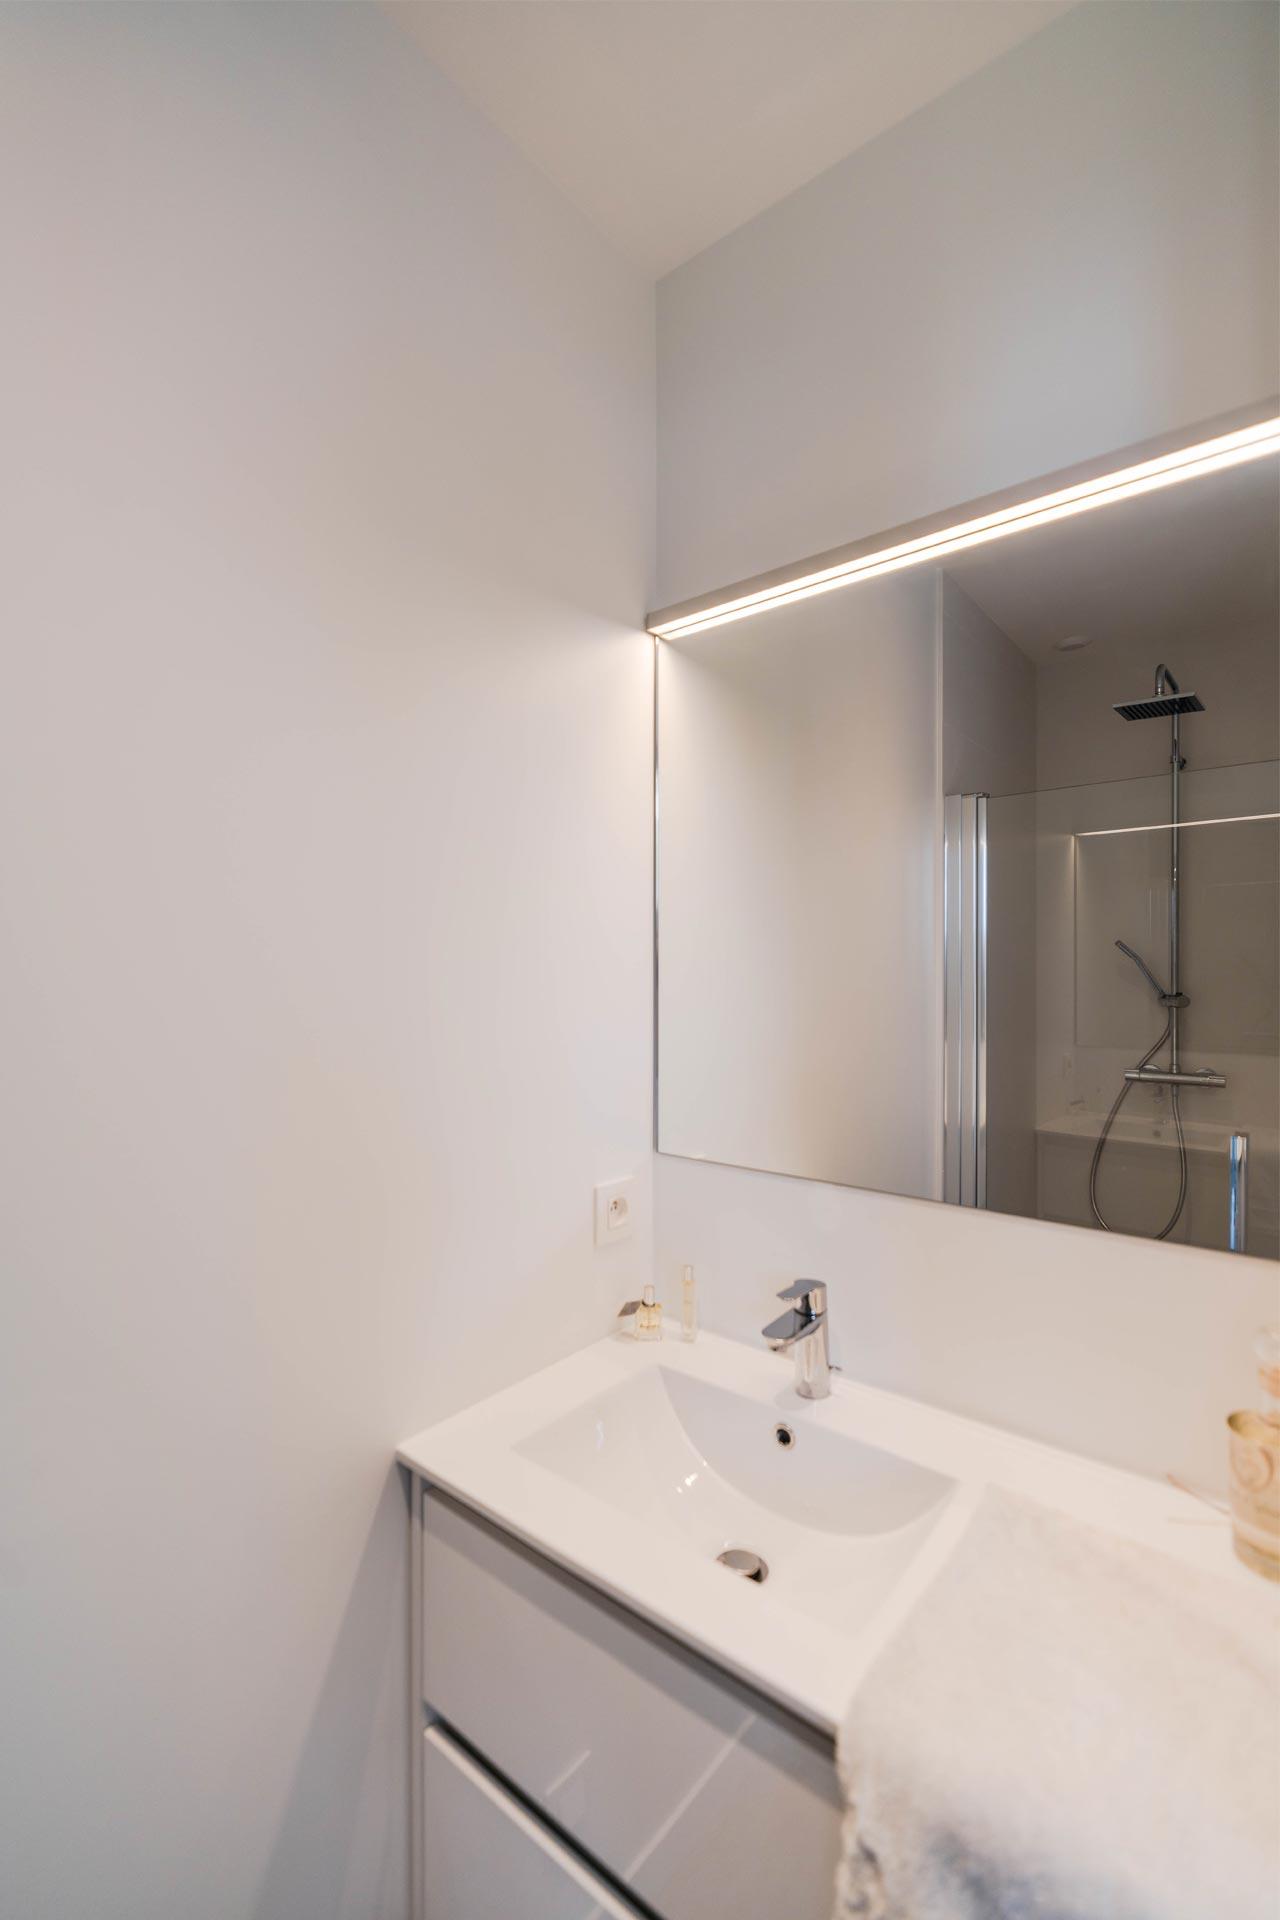 Salle d'eau - Chambre - Nantes